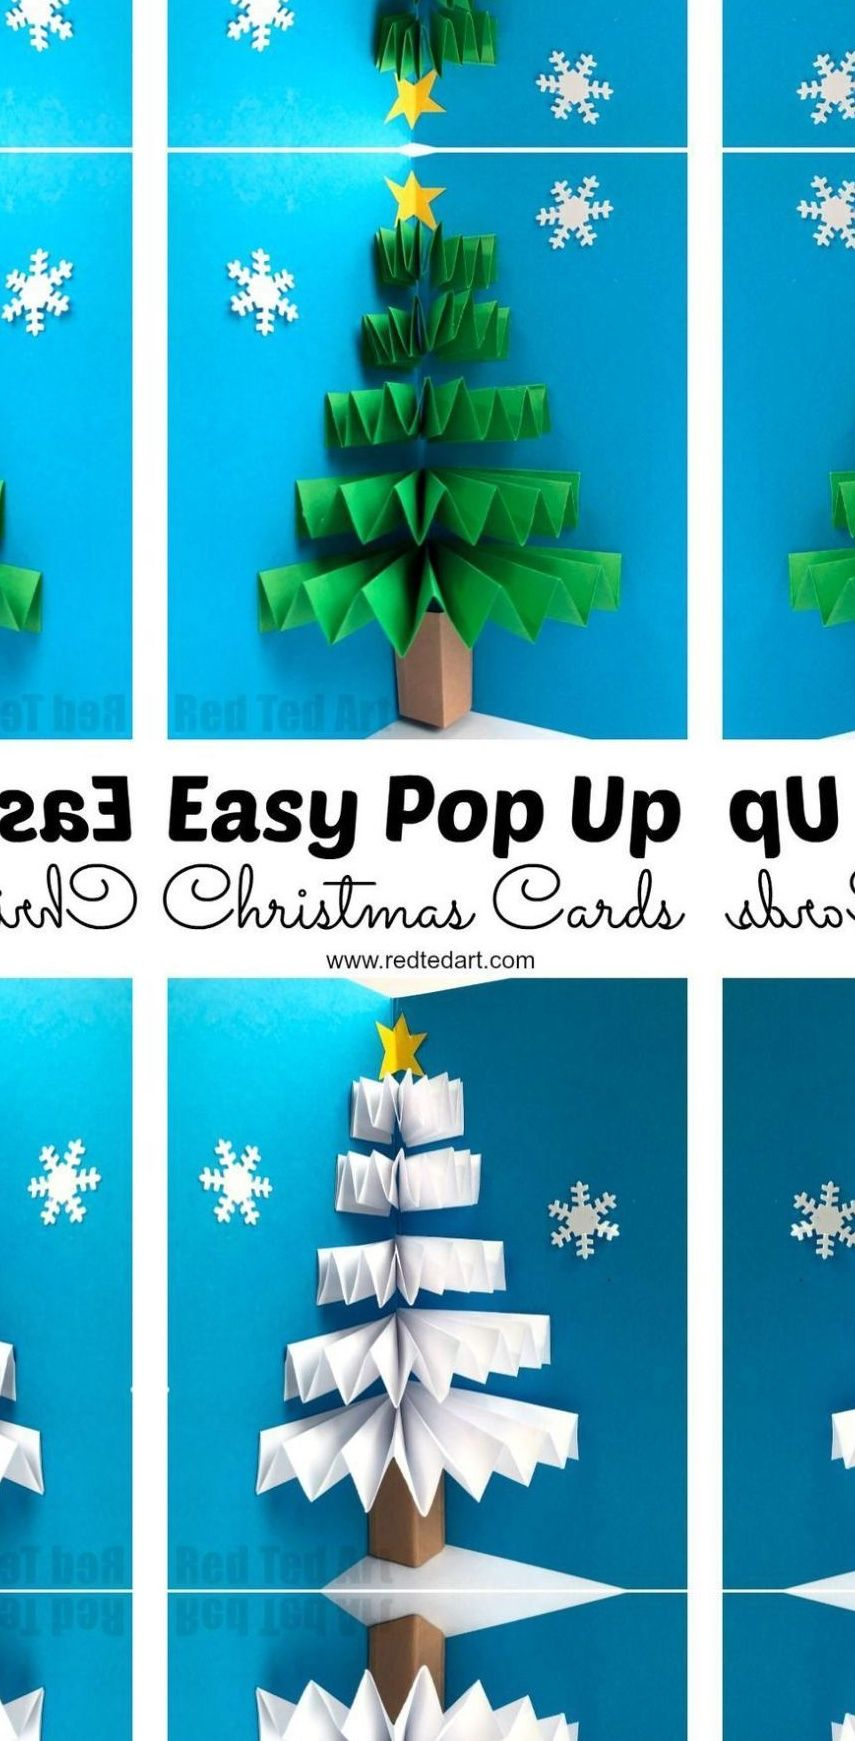 Easy to make Christmas tree crafts for kids of all ages. Easy to make Christmas tree crafts for kids of all ages. #artesanato #para #vender #handmade #portugal #comprar #o #arrendar #feitoamao #lisboa #arte #a #remax #lojaonline #sempre #imobiliario #luz #belem #moradia #acessorios #happy #remaxplatina #loja #beach #casa #coimbra #que #boho #sea #realestate,</p>